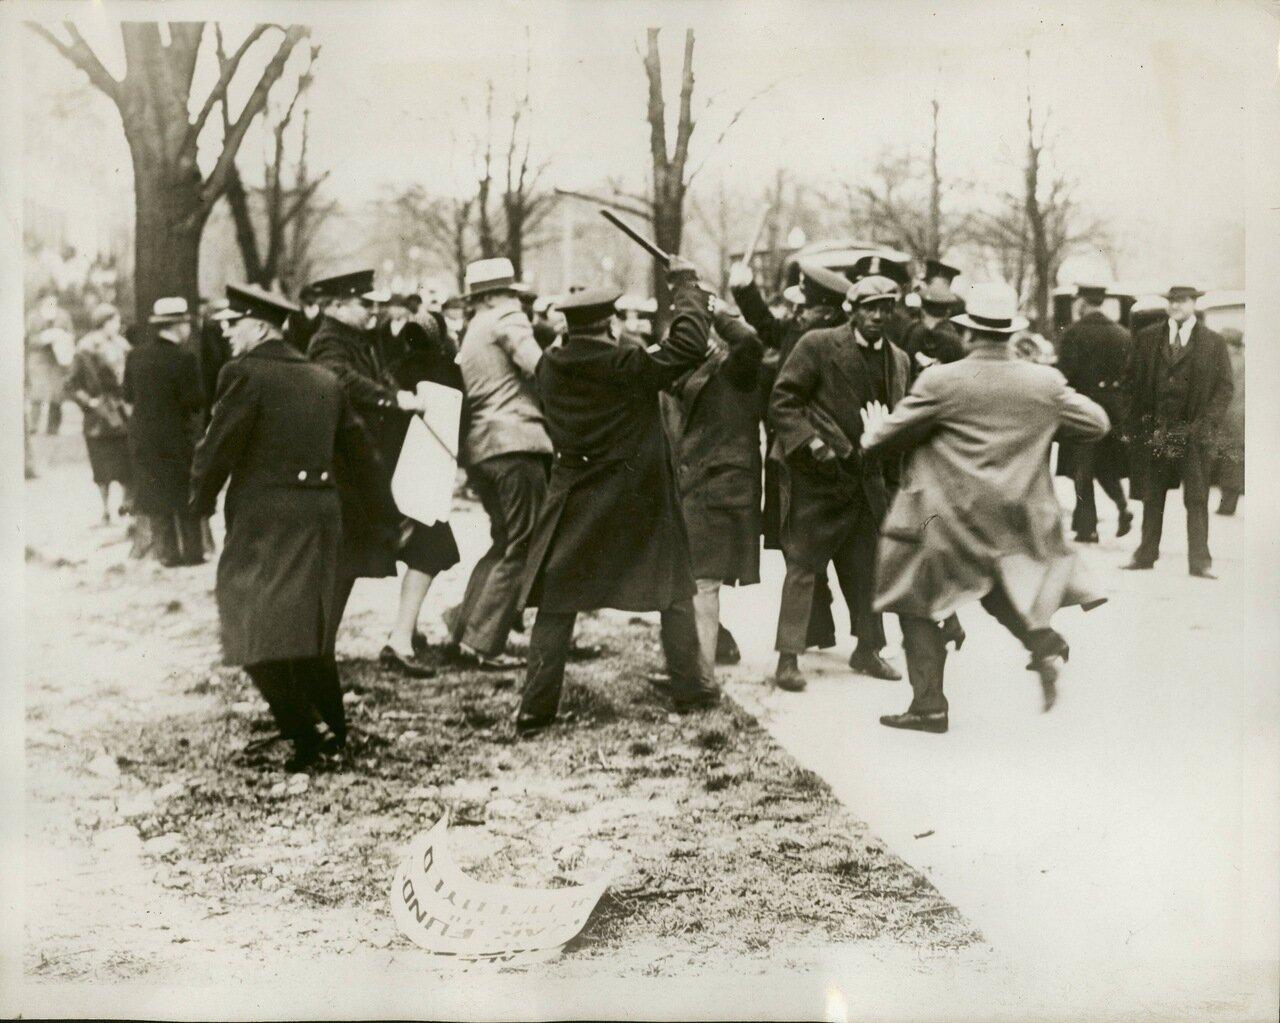 1932. Полиция разгоняет протестующих возле посольства Японии, Вашингтон, округ Колумбия